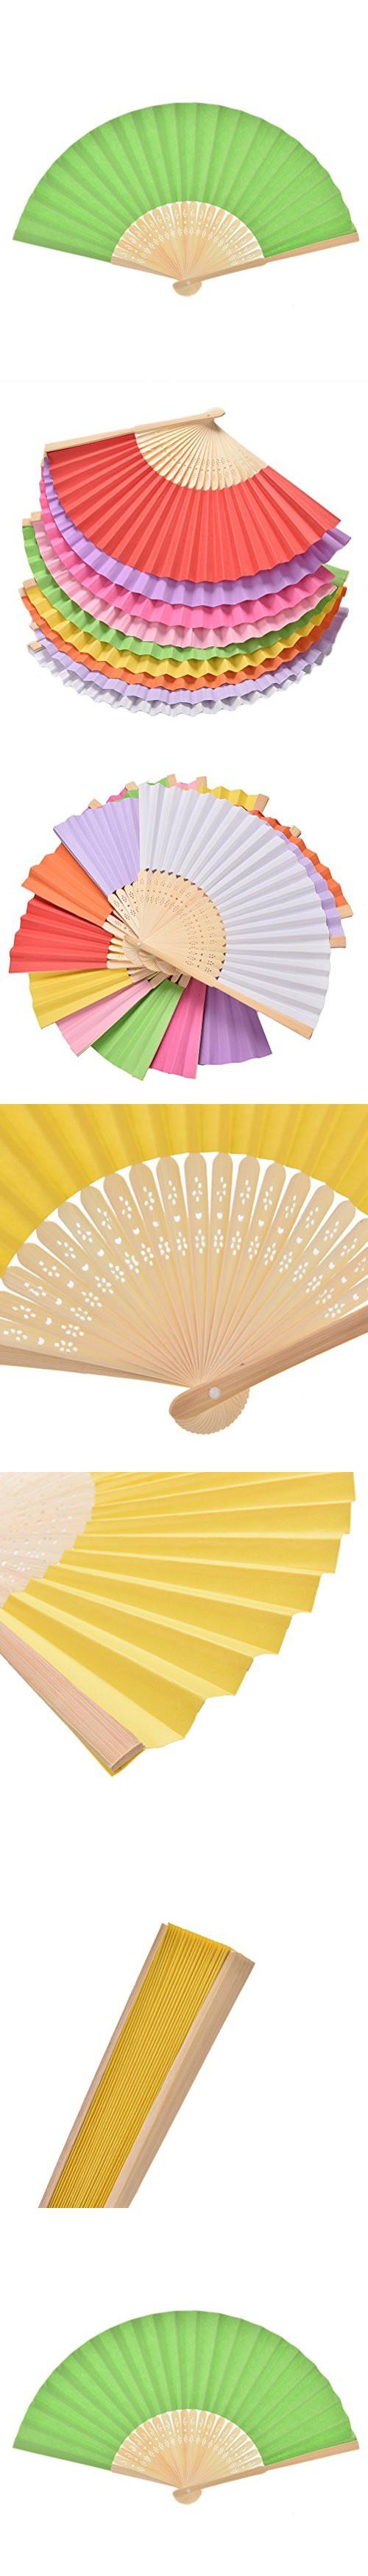 1pcs Chinese Paper Folding Fan Handheld Fan Wedding Party Favor